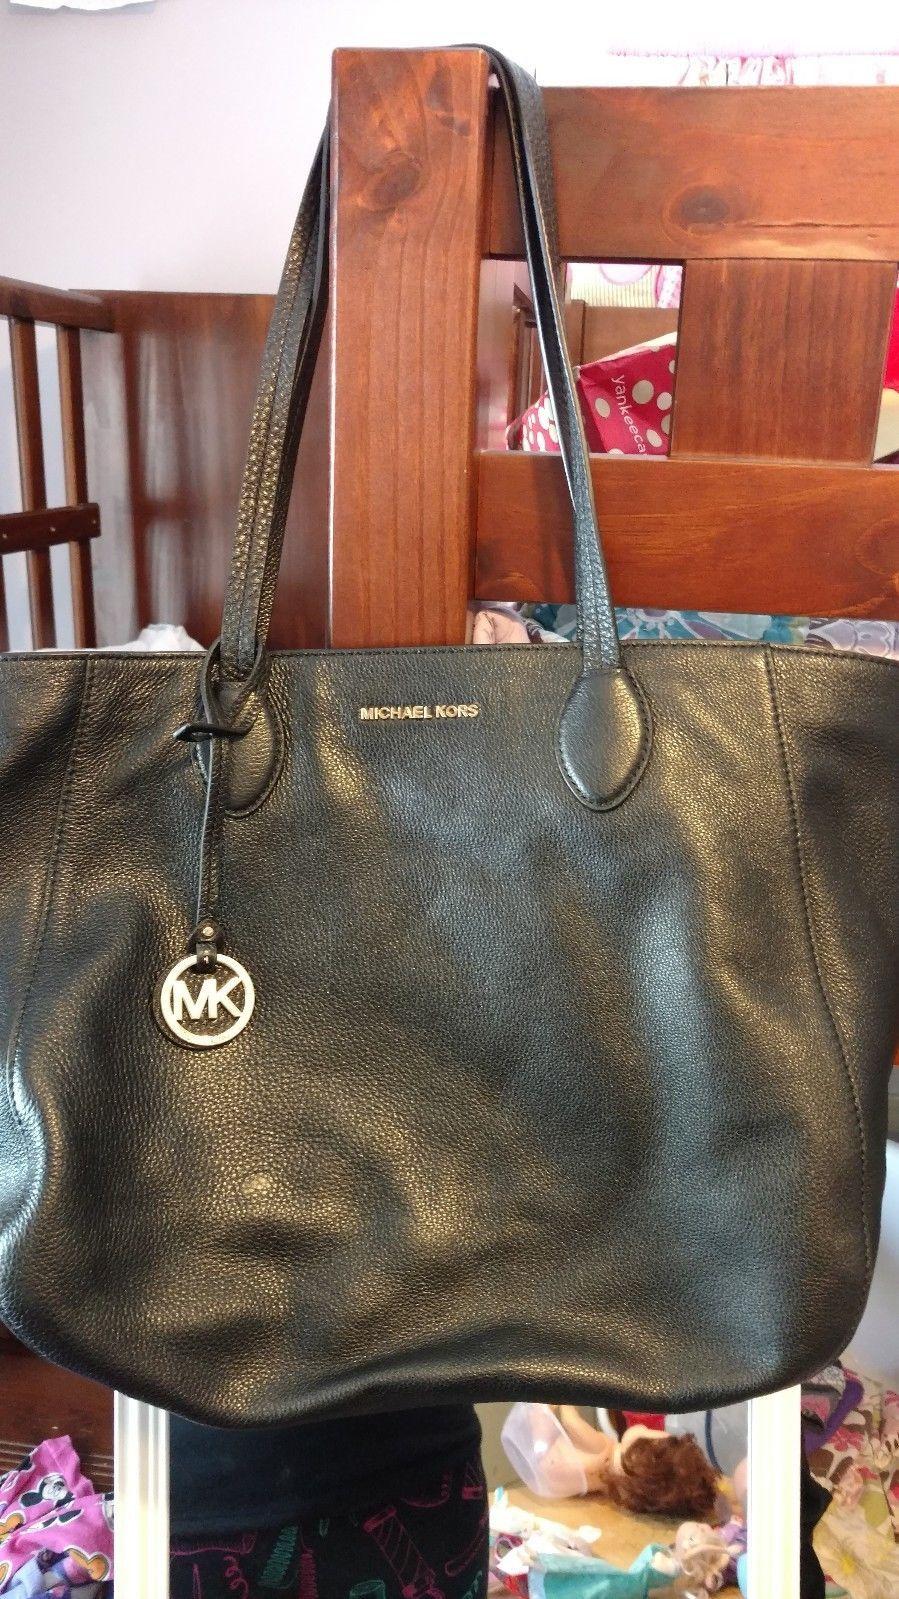 Mk Mickaelkors Windowpub Genuine Michael Kors Handbag